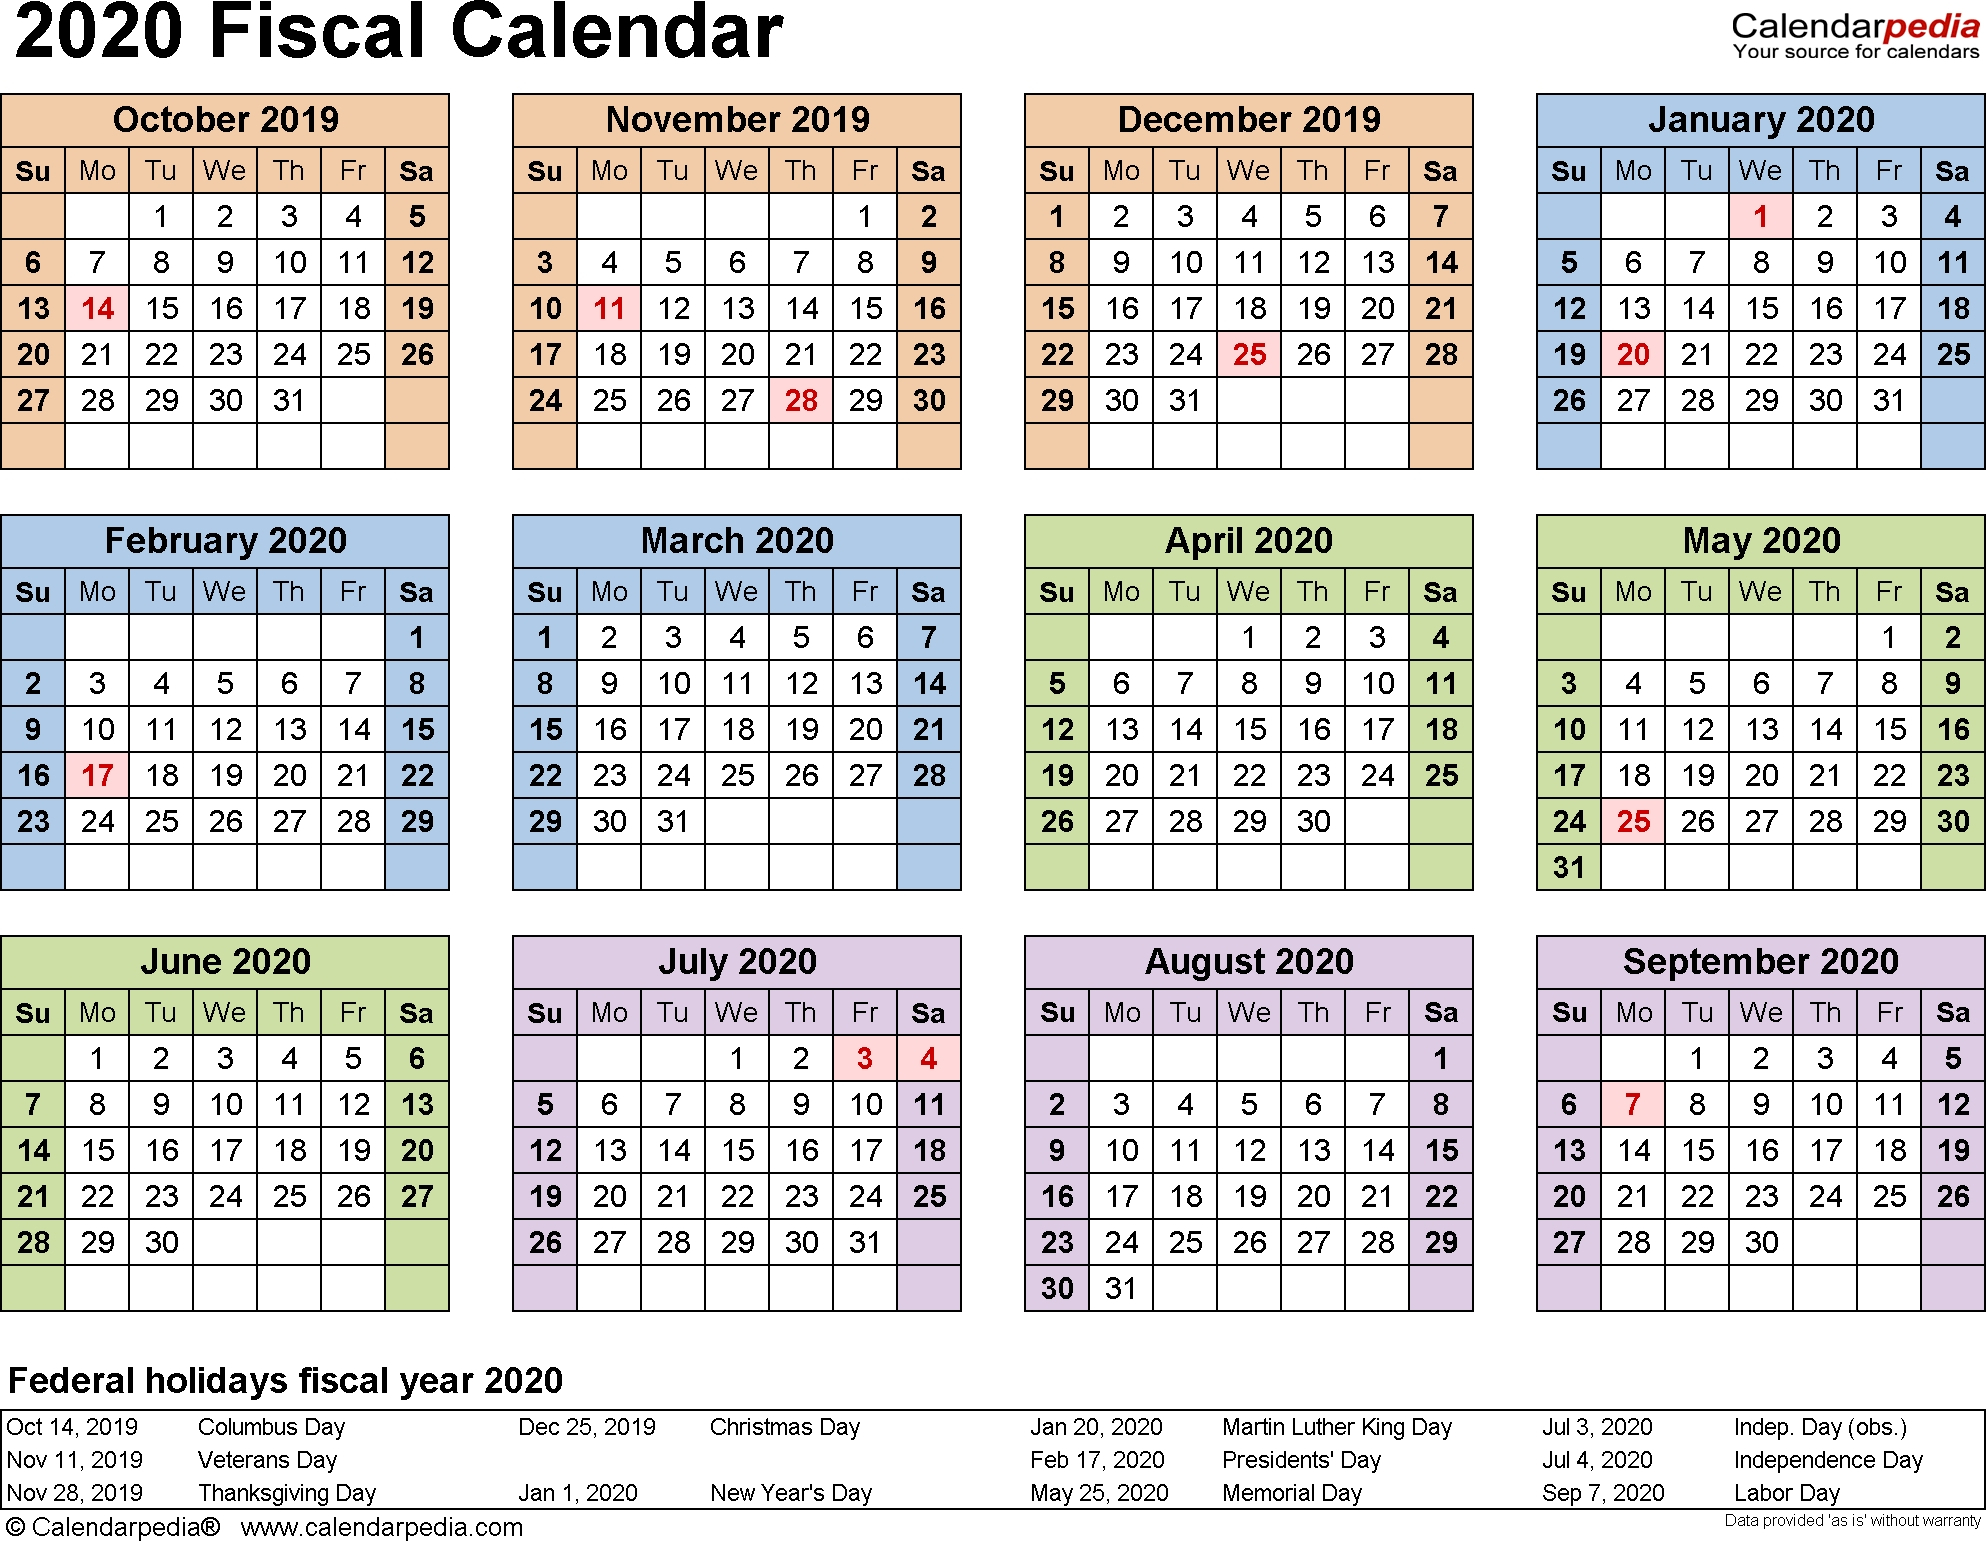 Payroll Calendar Dod 2020 | Payroll Calendar 2020